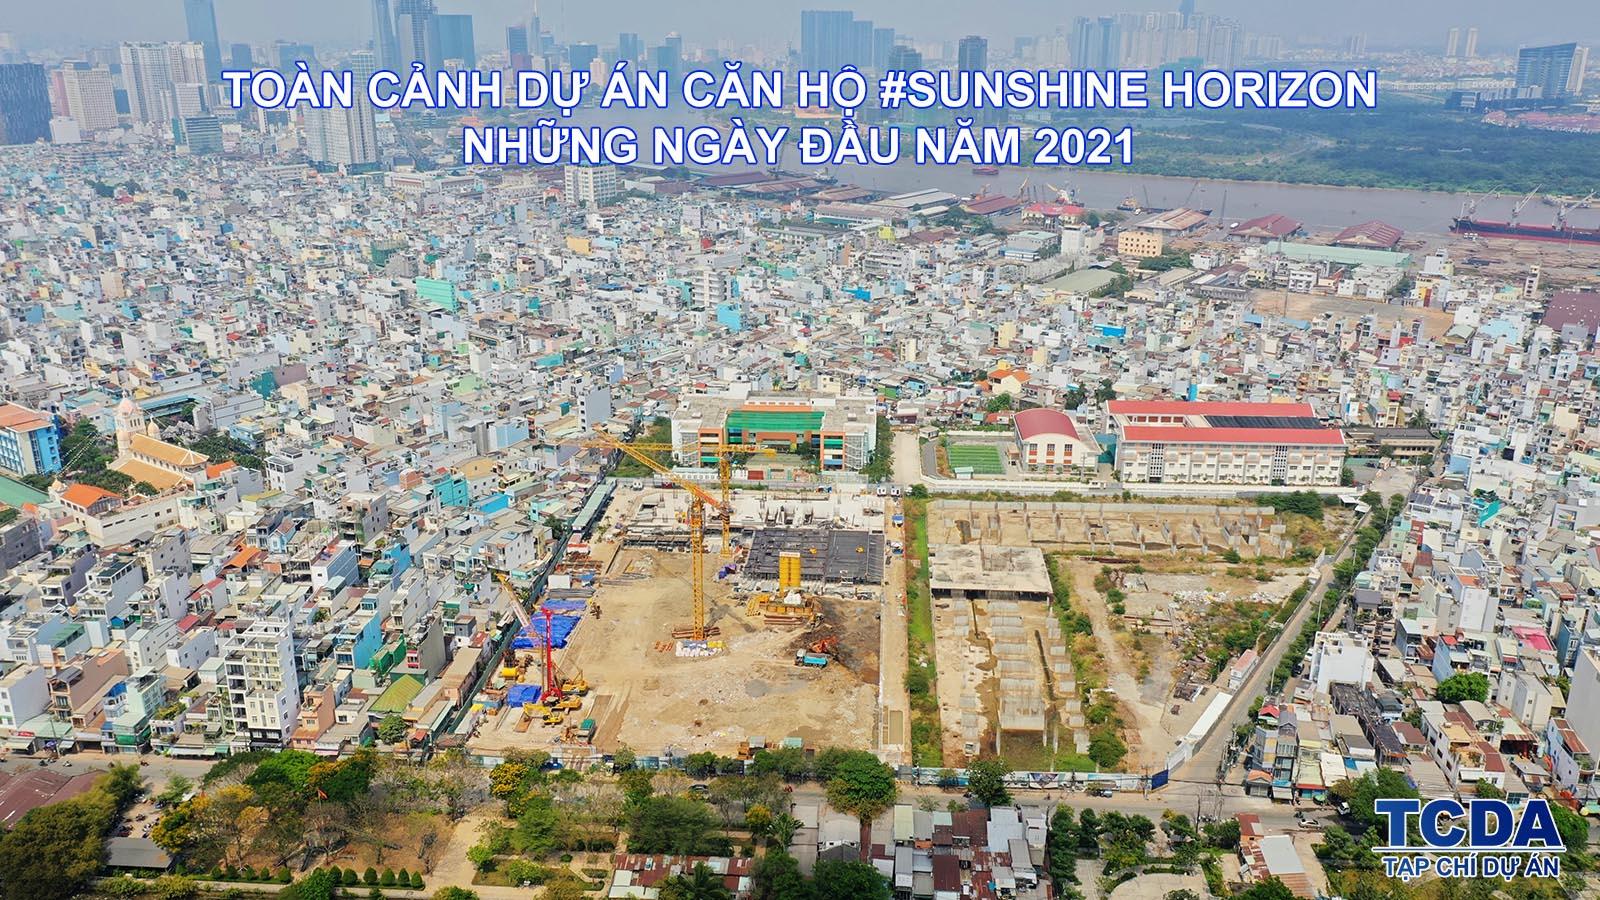 Toàn cảnh tiến độ xây dựng dự án Sunshine Horizon Quận 4 đầu năm 2021